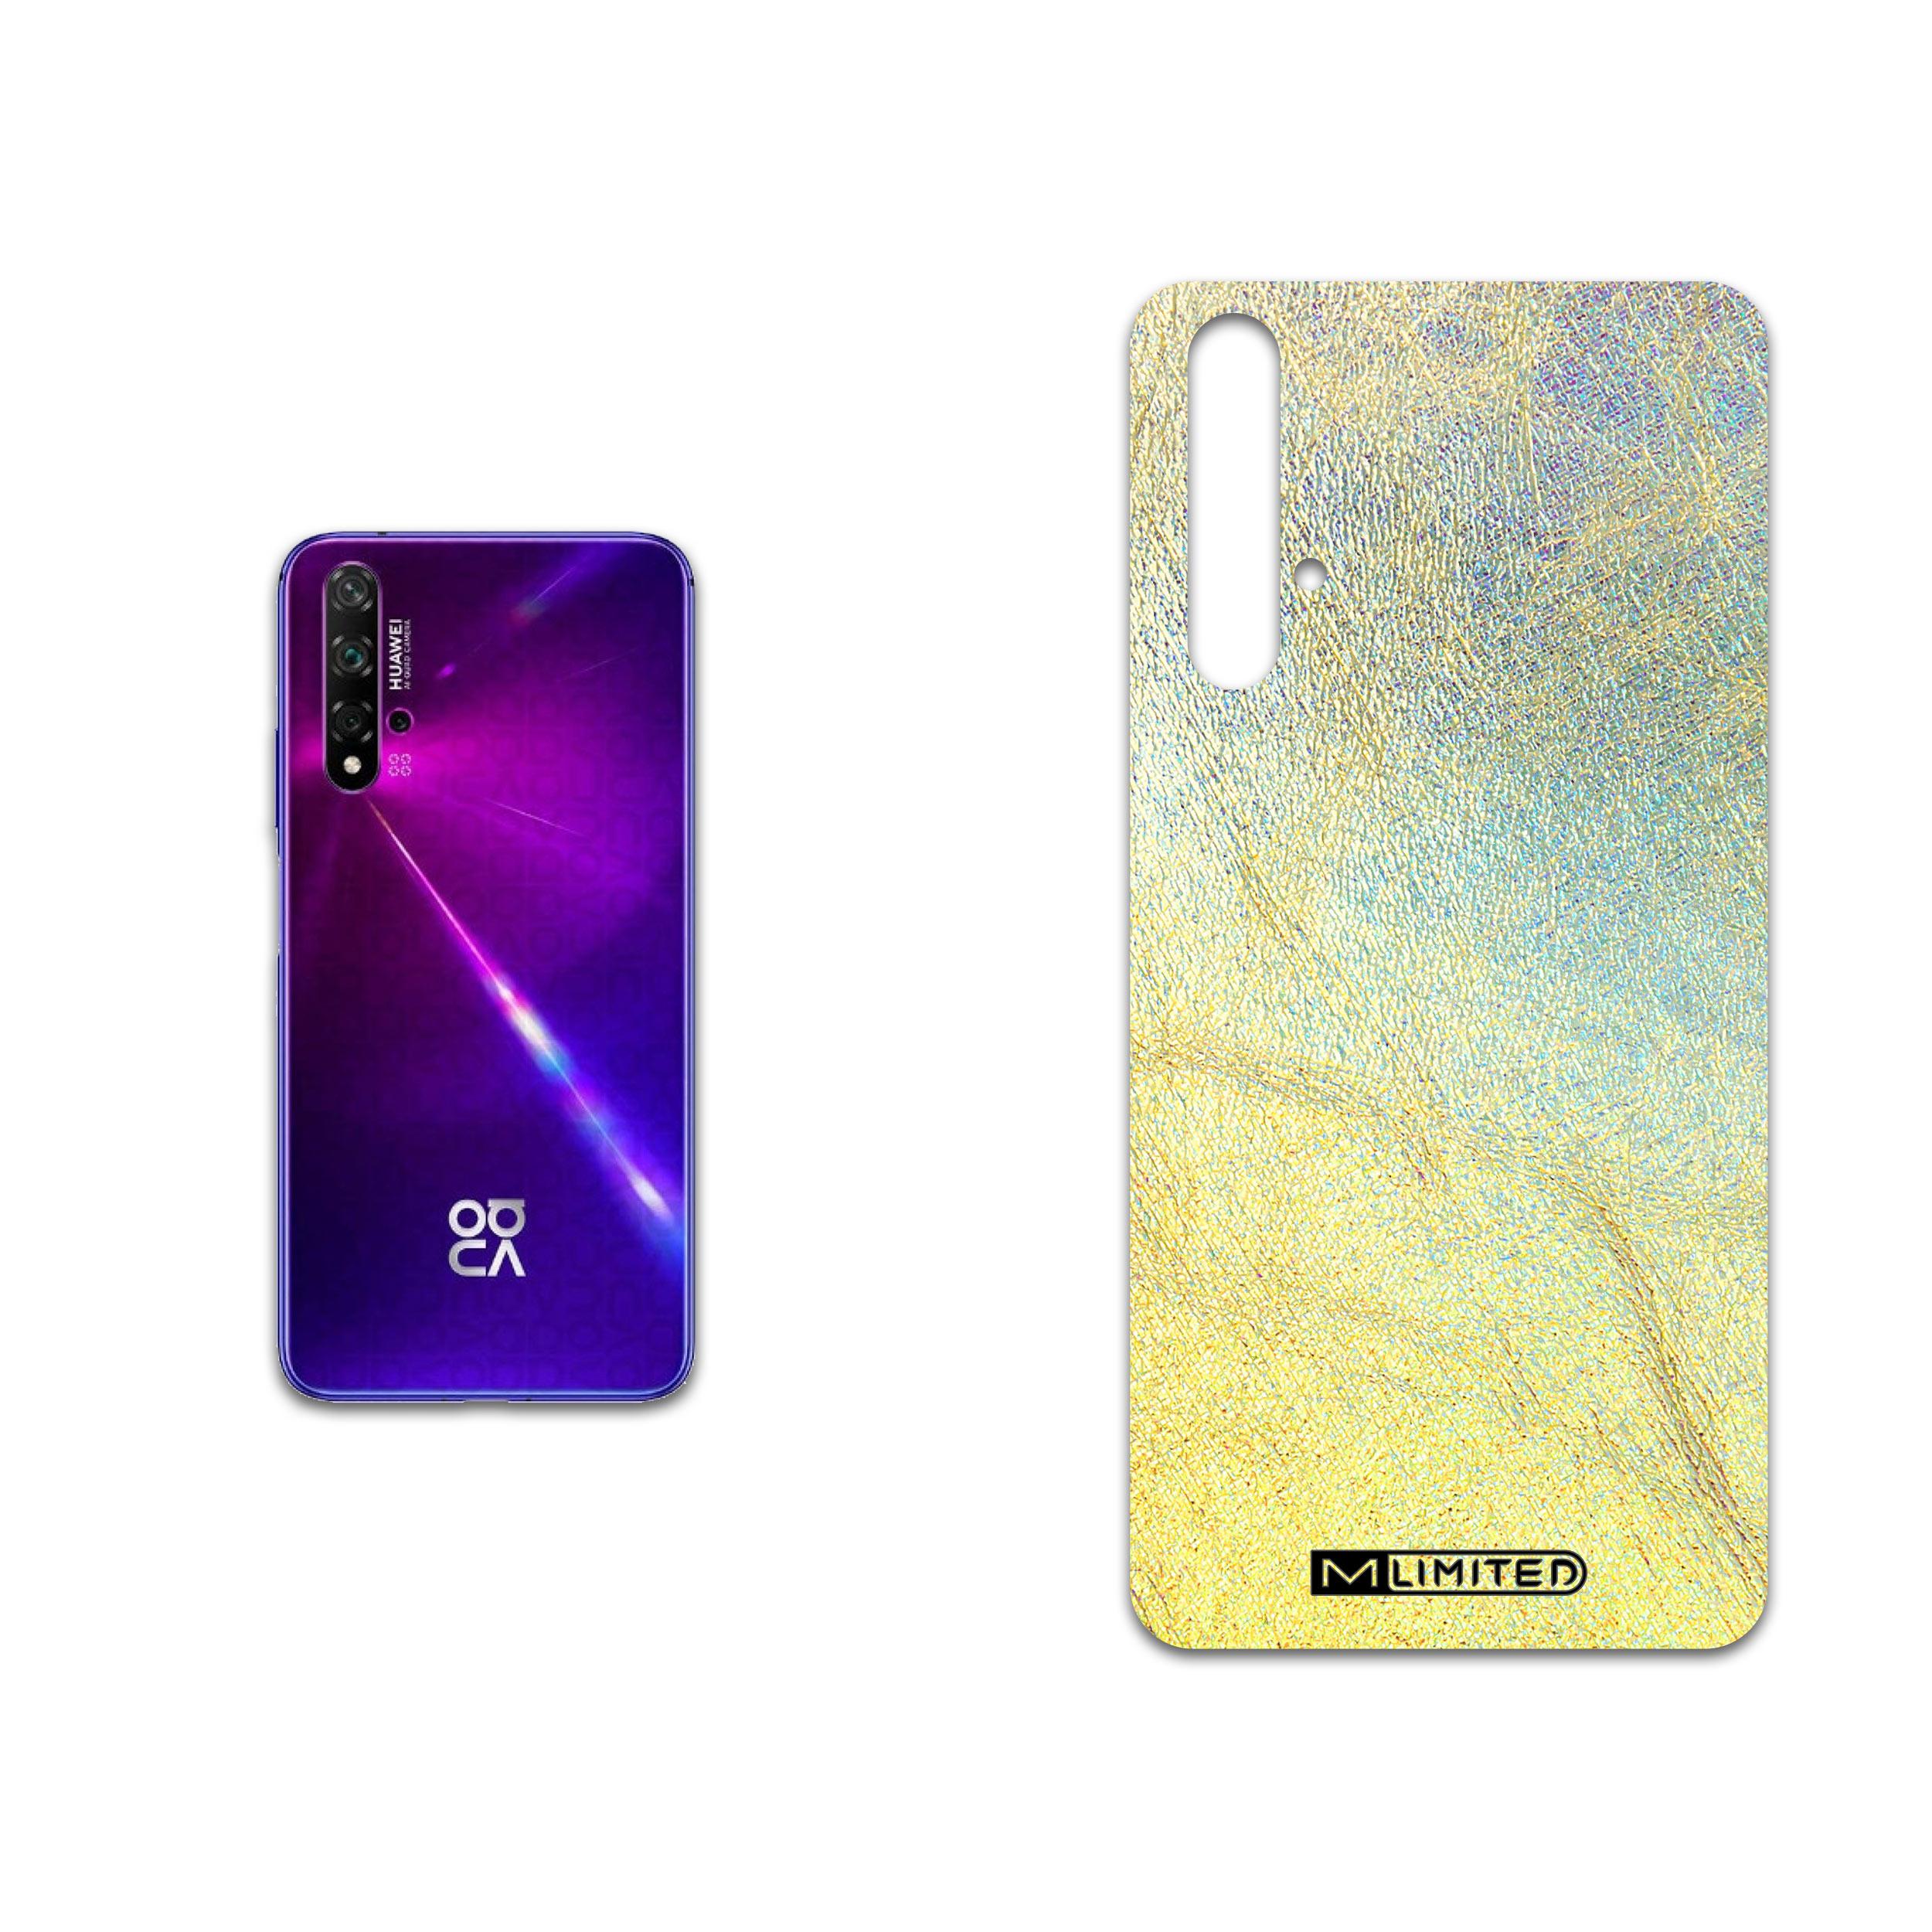 برچسب پوششی ماهوت مدل M-LIMITED-GH مناسب برای گوشی موبایل هوآوی NOVA 5T